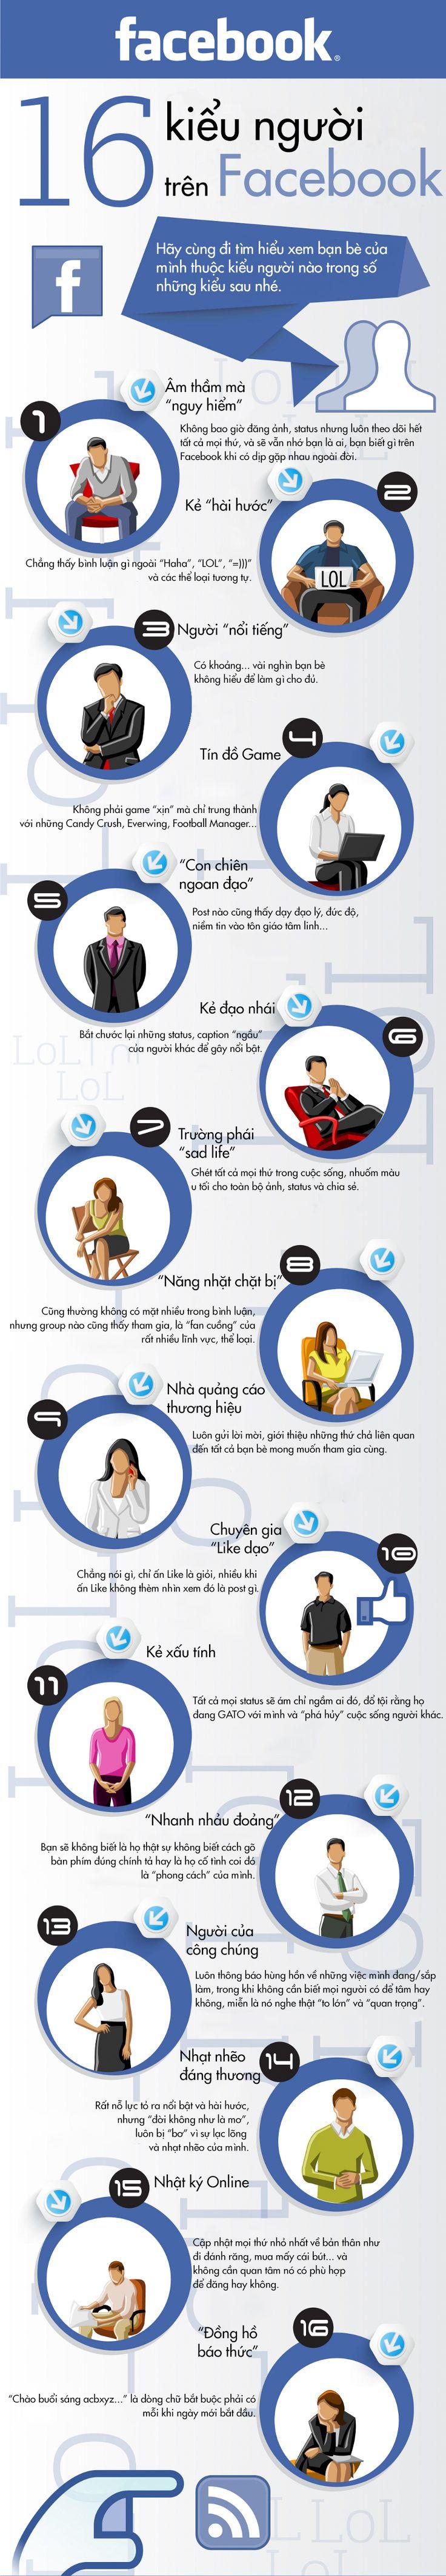 Đây là 16 kiểu người đặc trưng trên Facebook. Bạn thuộc loại nào? - Ảnh 1.